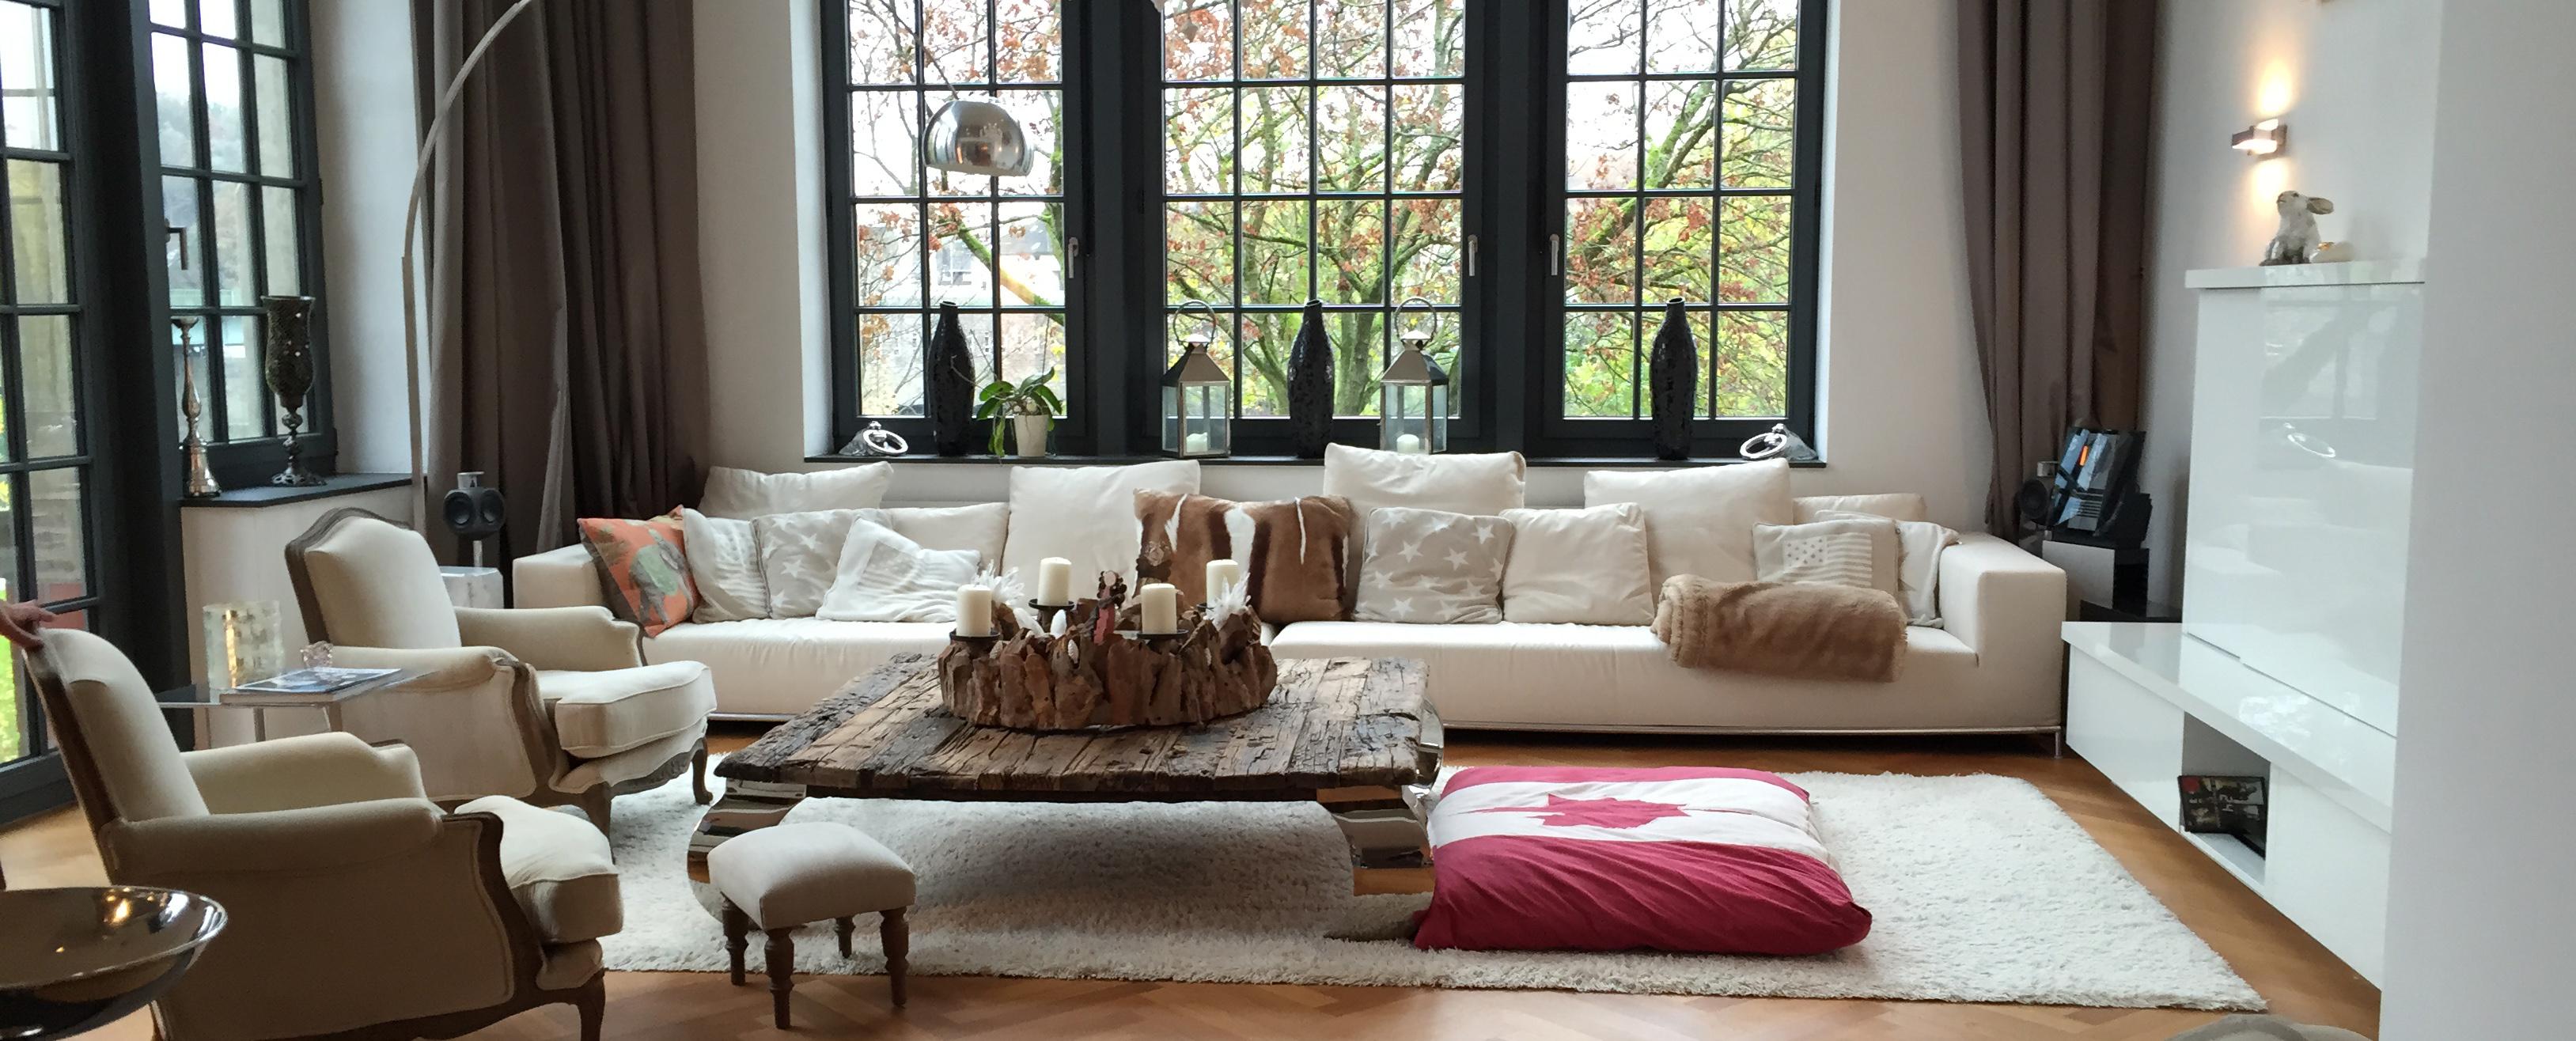 immobilienmakler essen experte f r verkauf kauf von haus. Black Bedroom Furniture Sets. Home Design Ideas